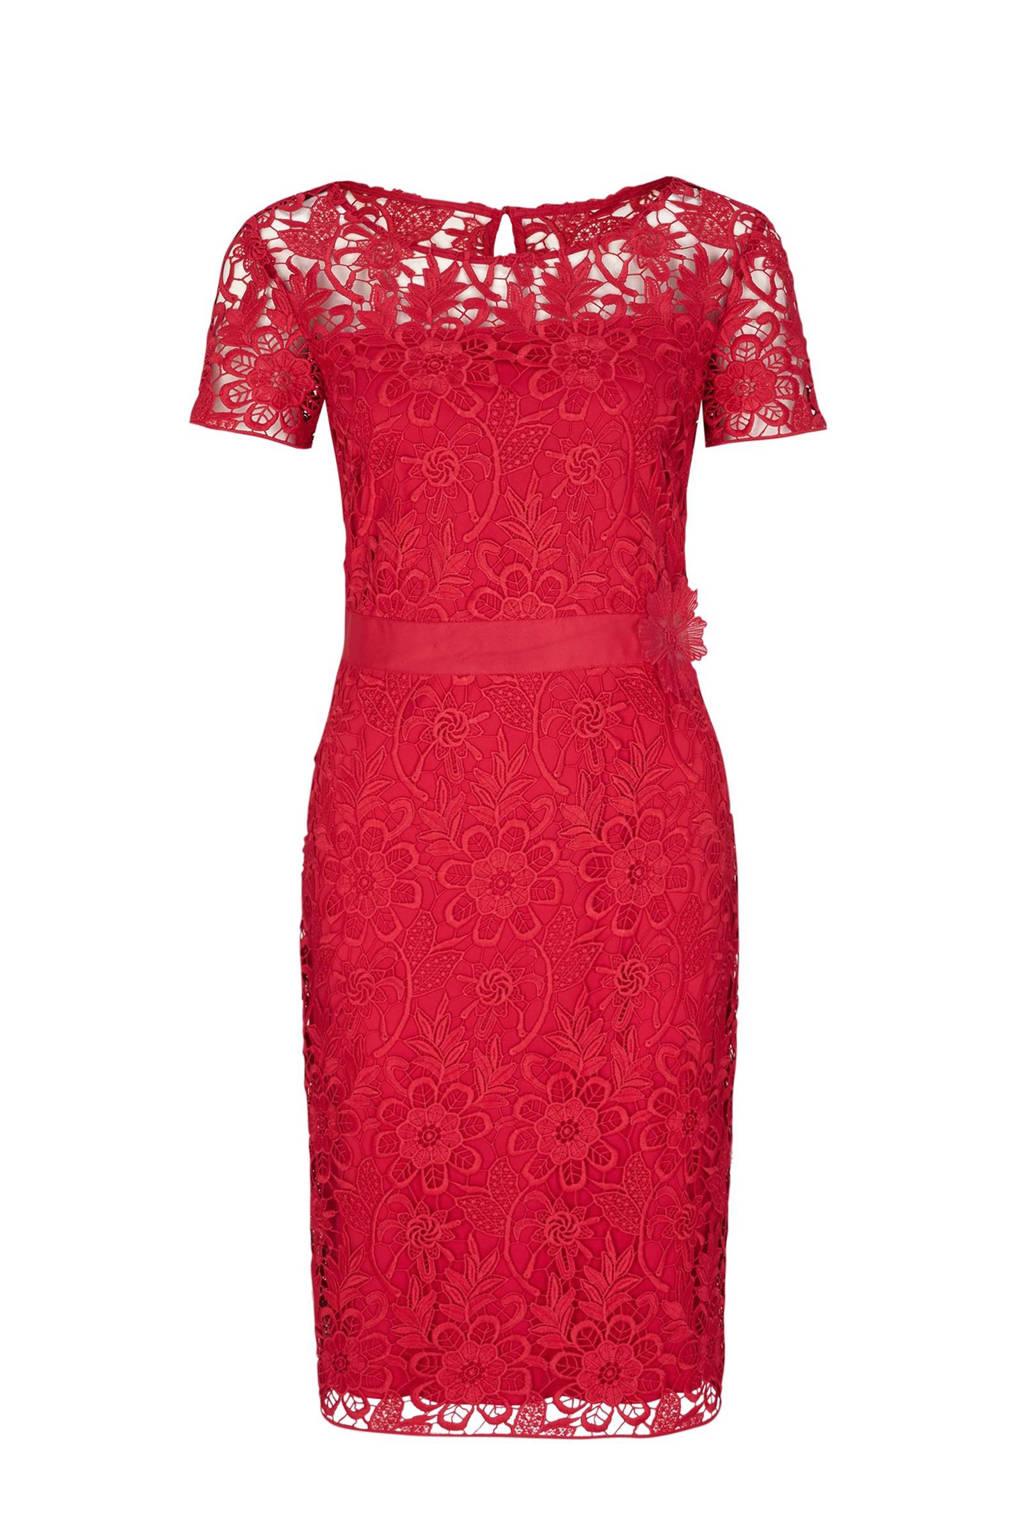 06acbbf5a0aac4 s.Oliver BLACK LABEL kanten jurk met bloemen rood